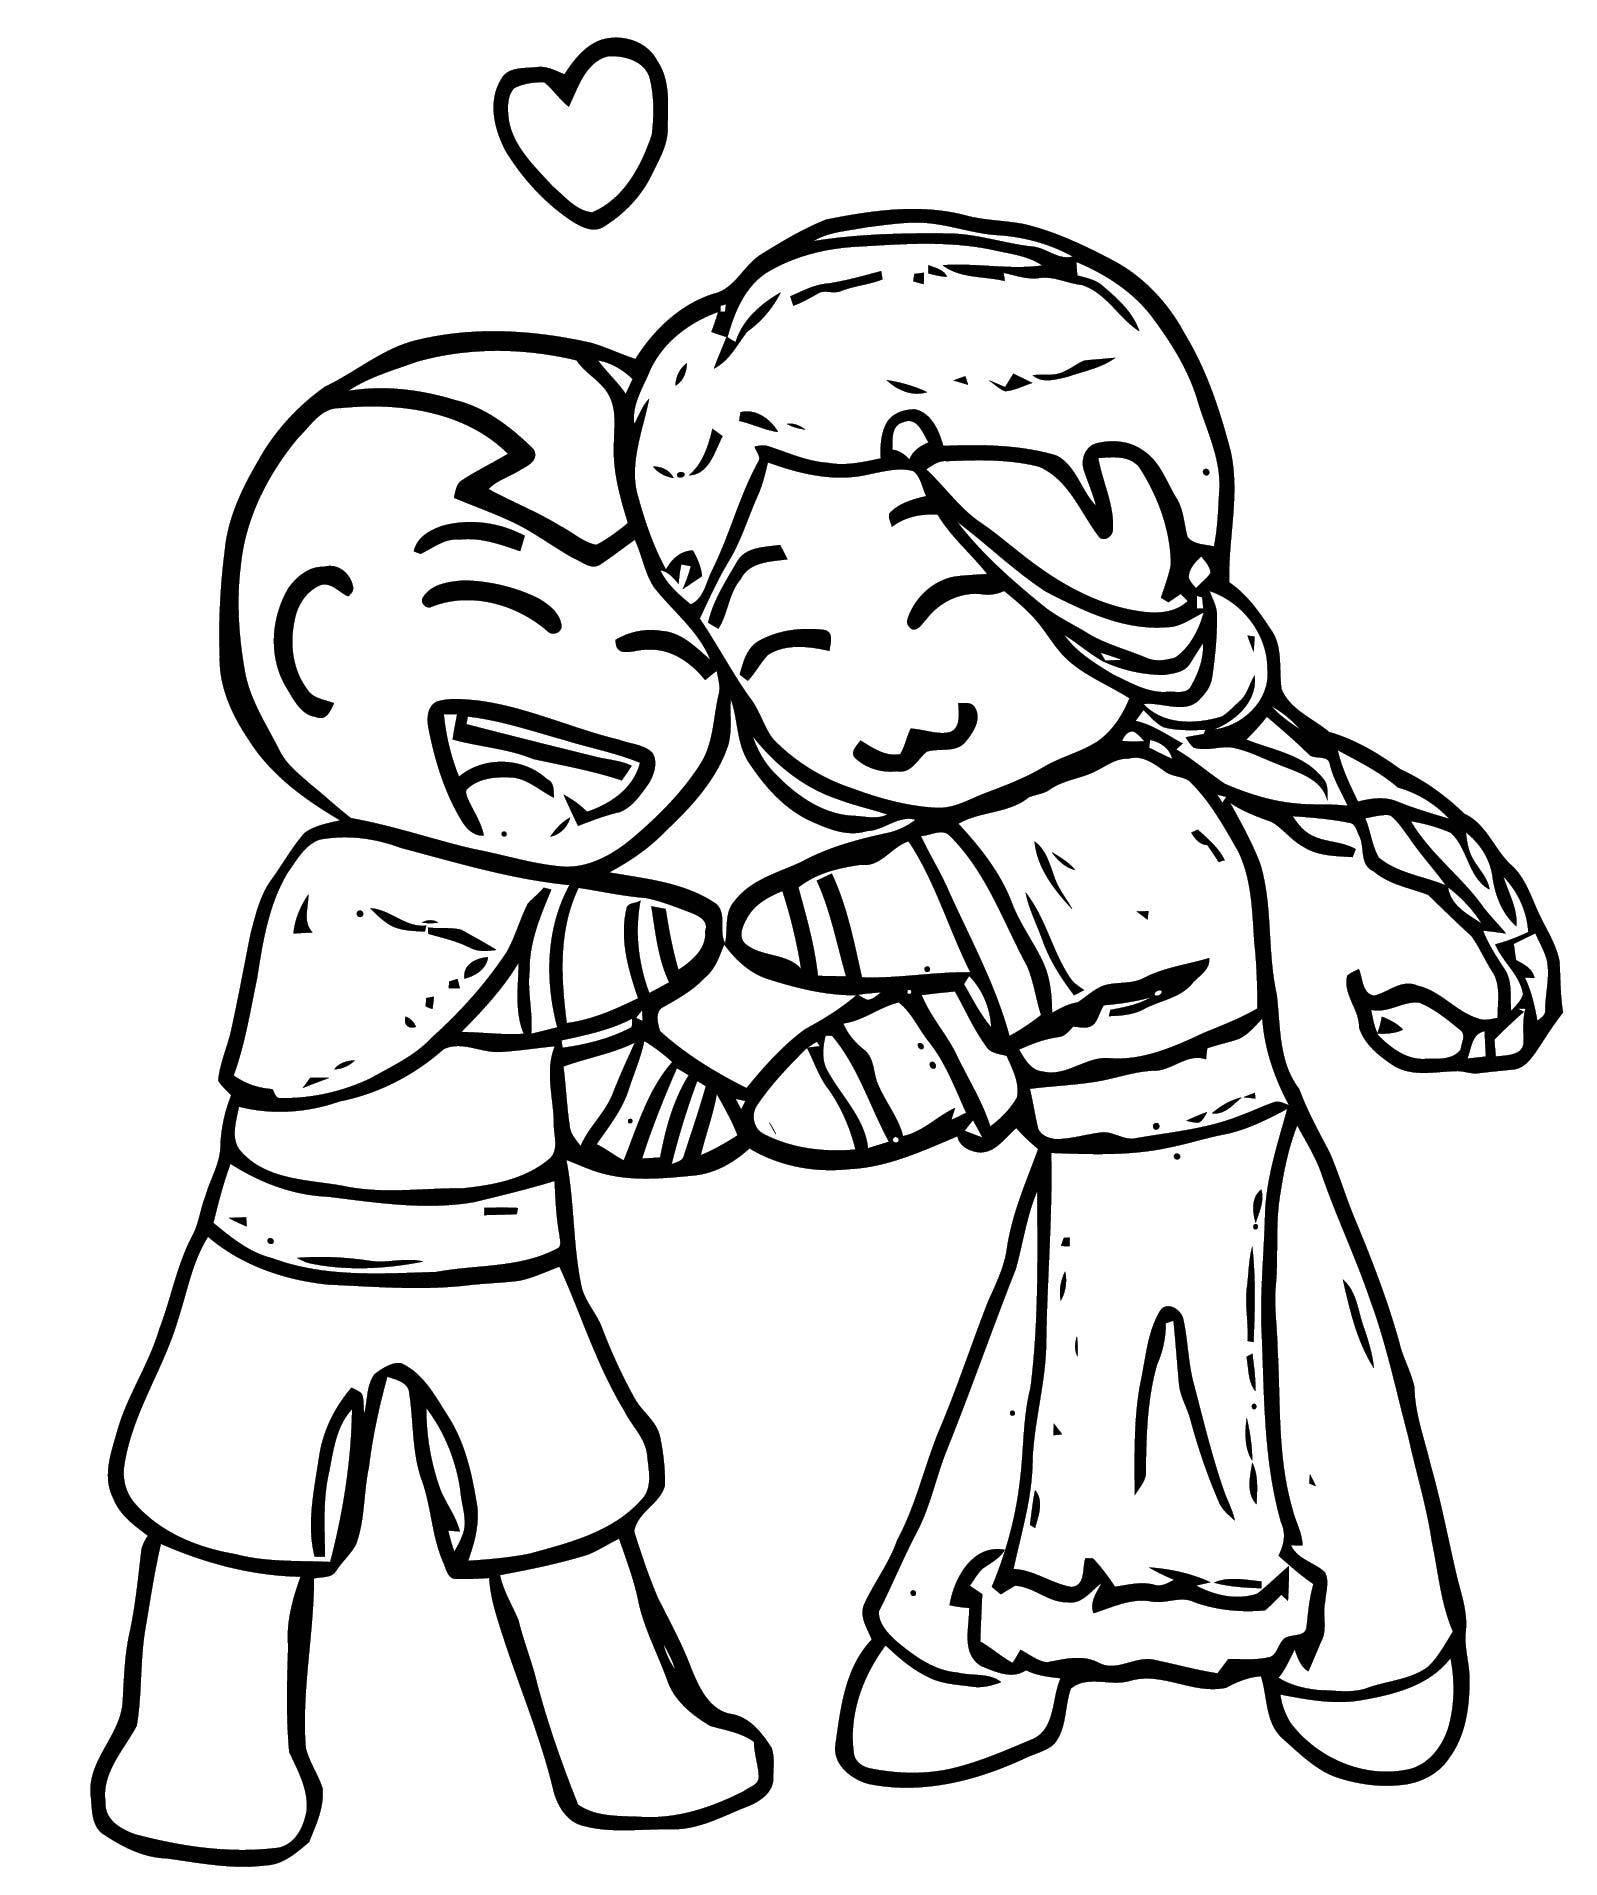 Avatar Aang Coloring Page: Katara Loves Aang Envious Chiko Avatar Aang Coloring Page